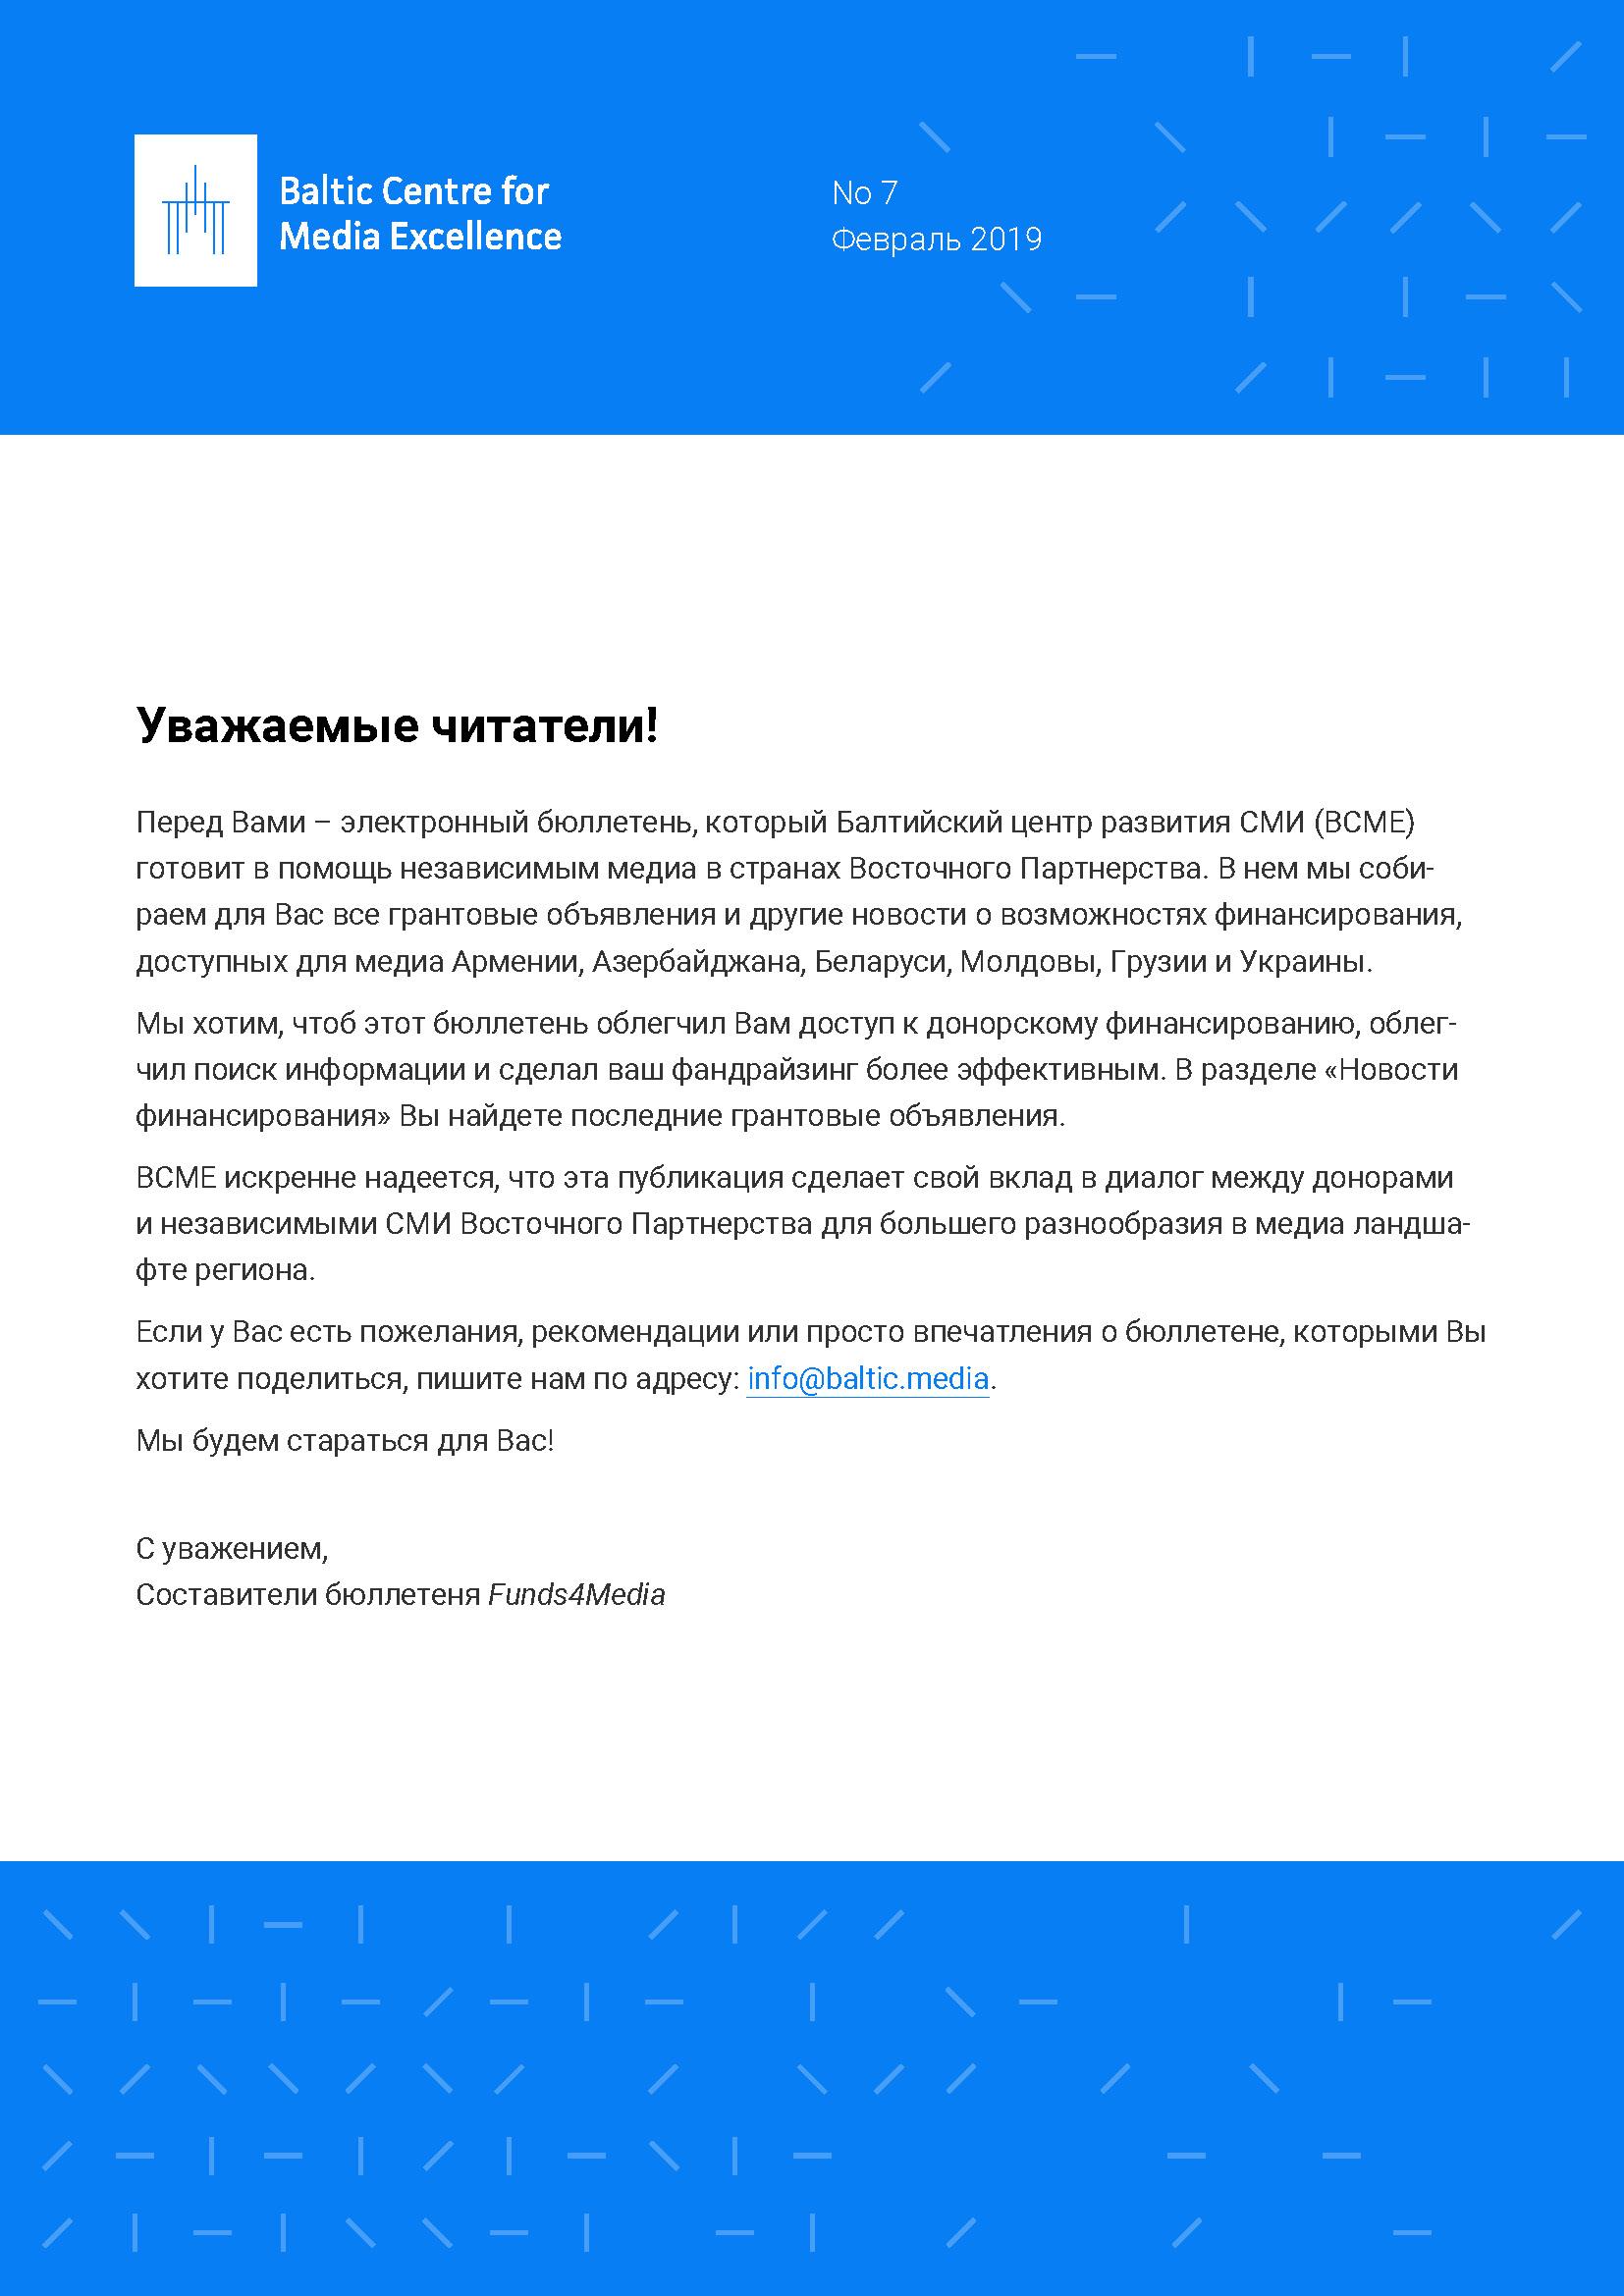 Бюлетень Балтійського центру розвитку ЗМІ. Випуск 9. Квітень 2019 р.